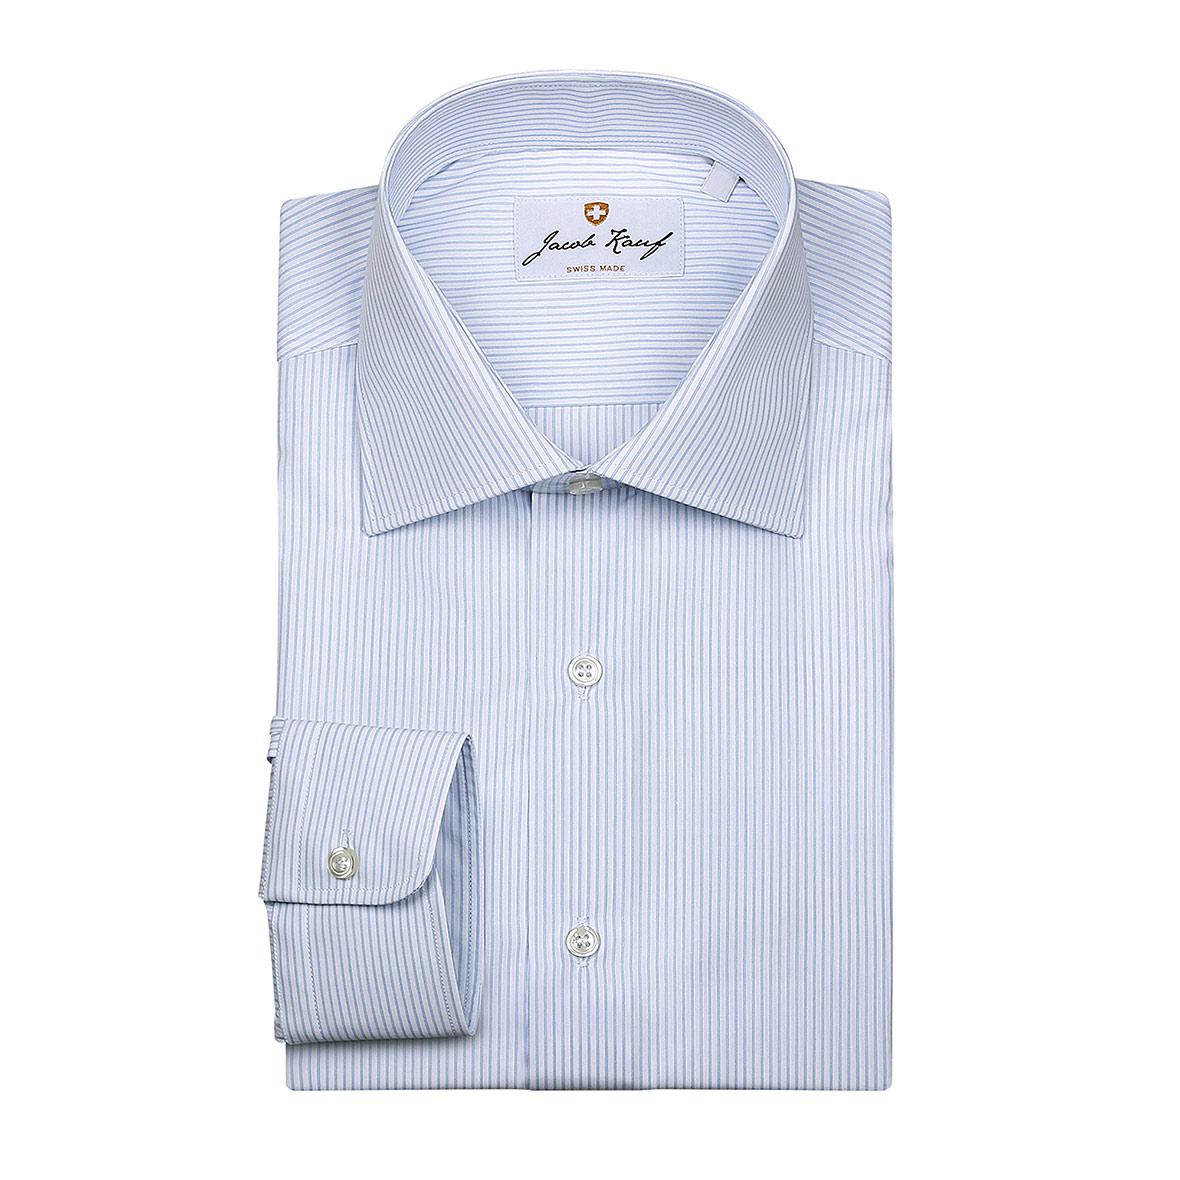 schweizer hemd jacob kauf, feingestreift, blau weiss